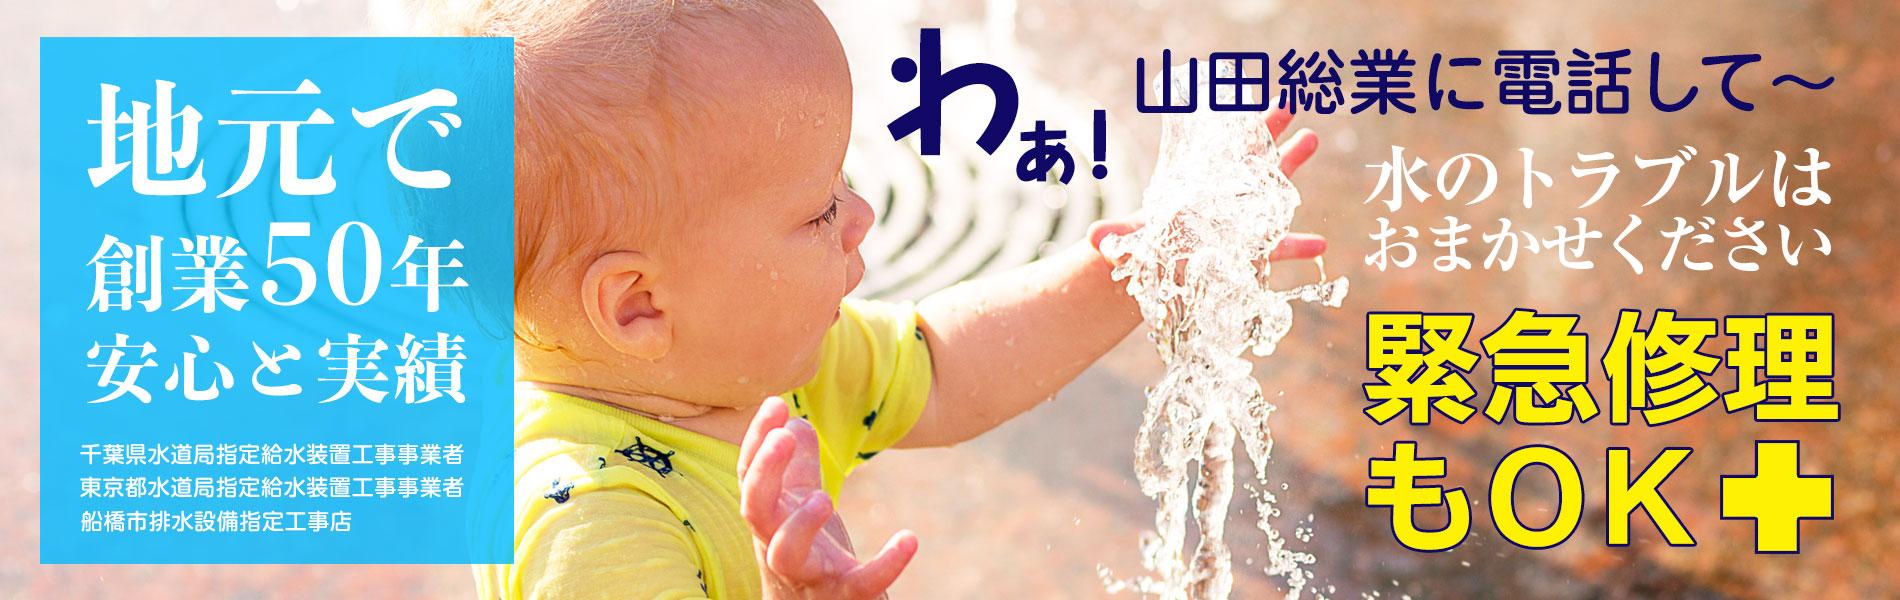 千葉県船橋市の水のトラブル|株式会社山田総業